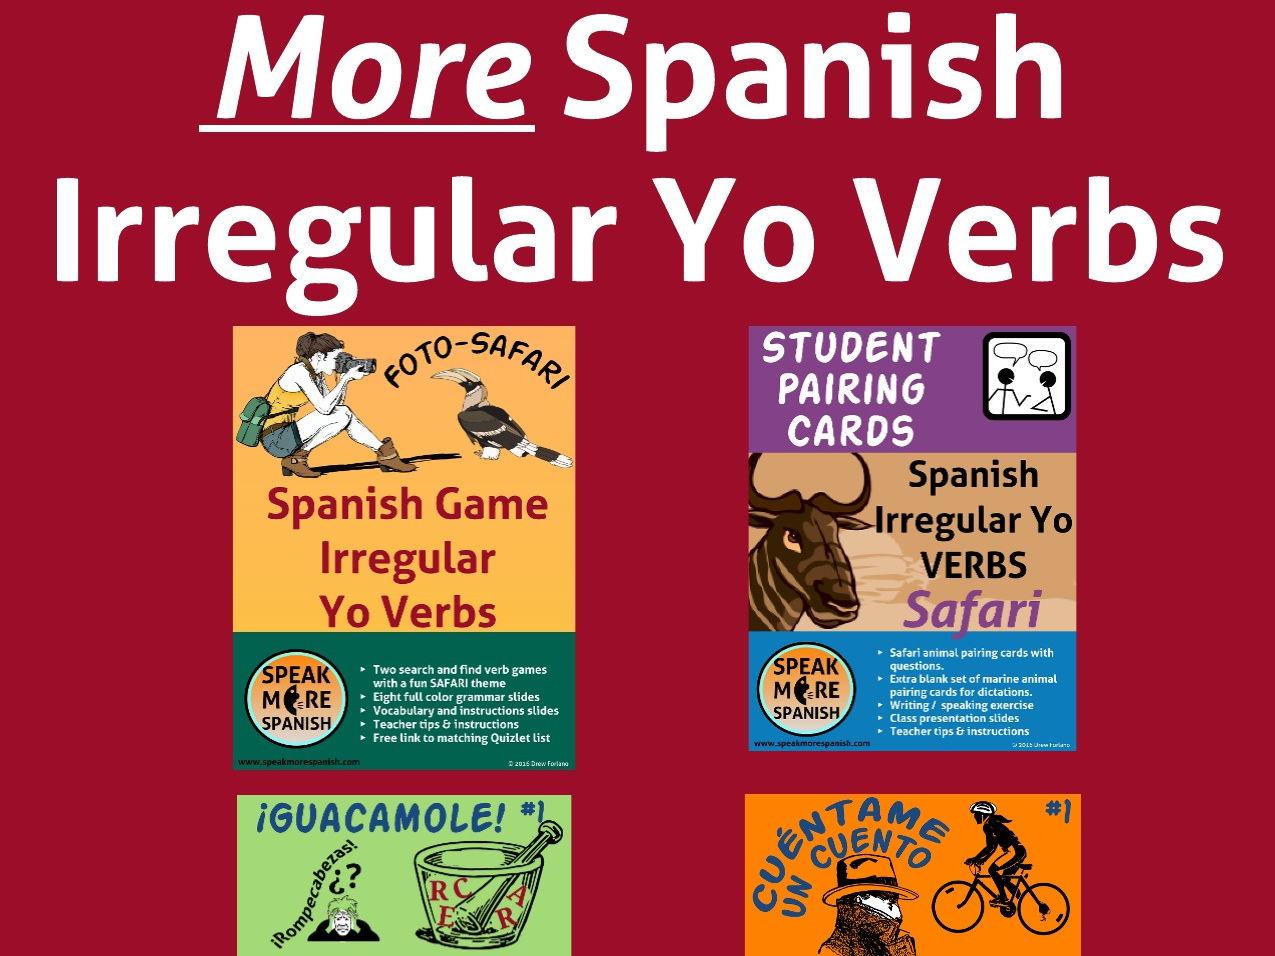 MORE Spanish Present Irregular Yo Verbs BUNDLE #2. Presente de Verbos Irregulares Yo